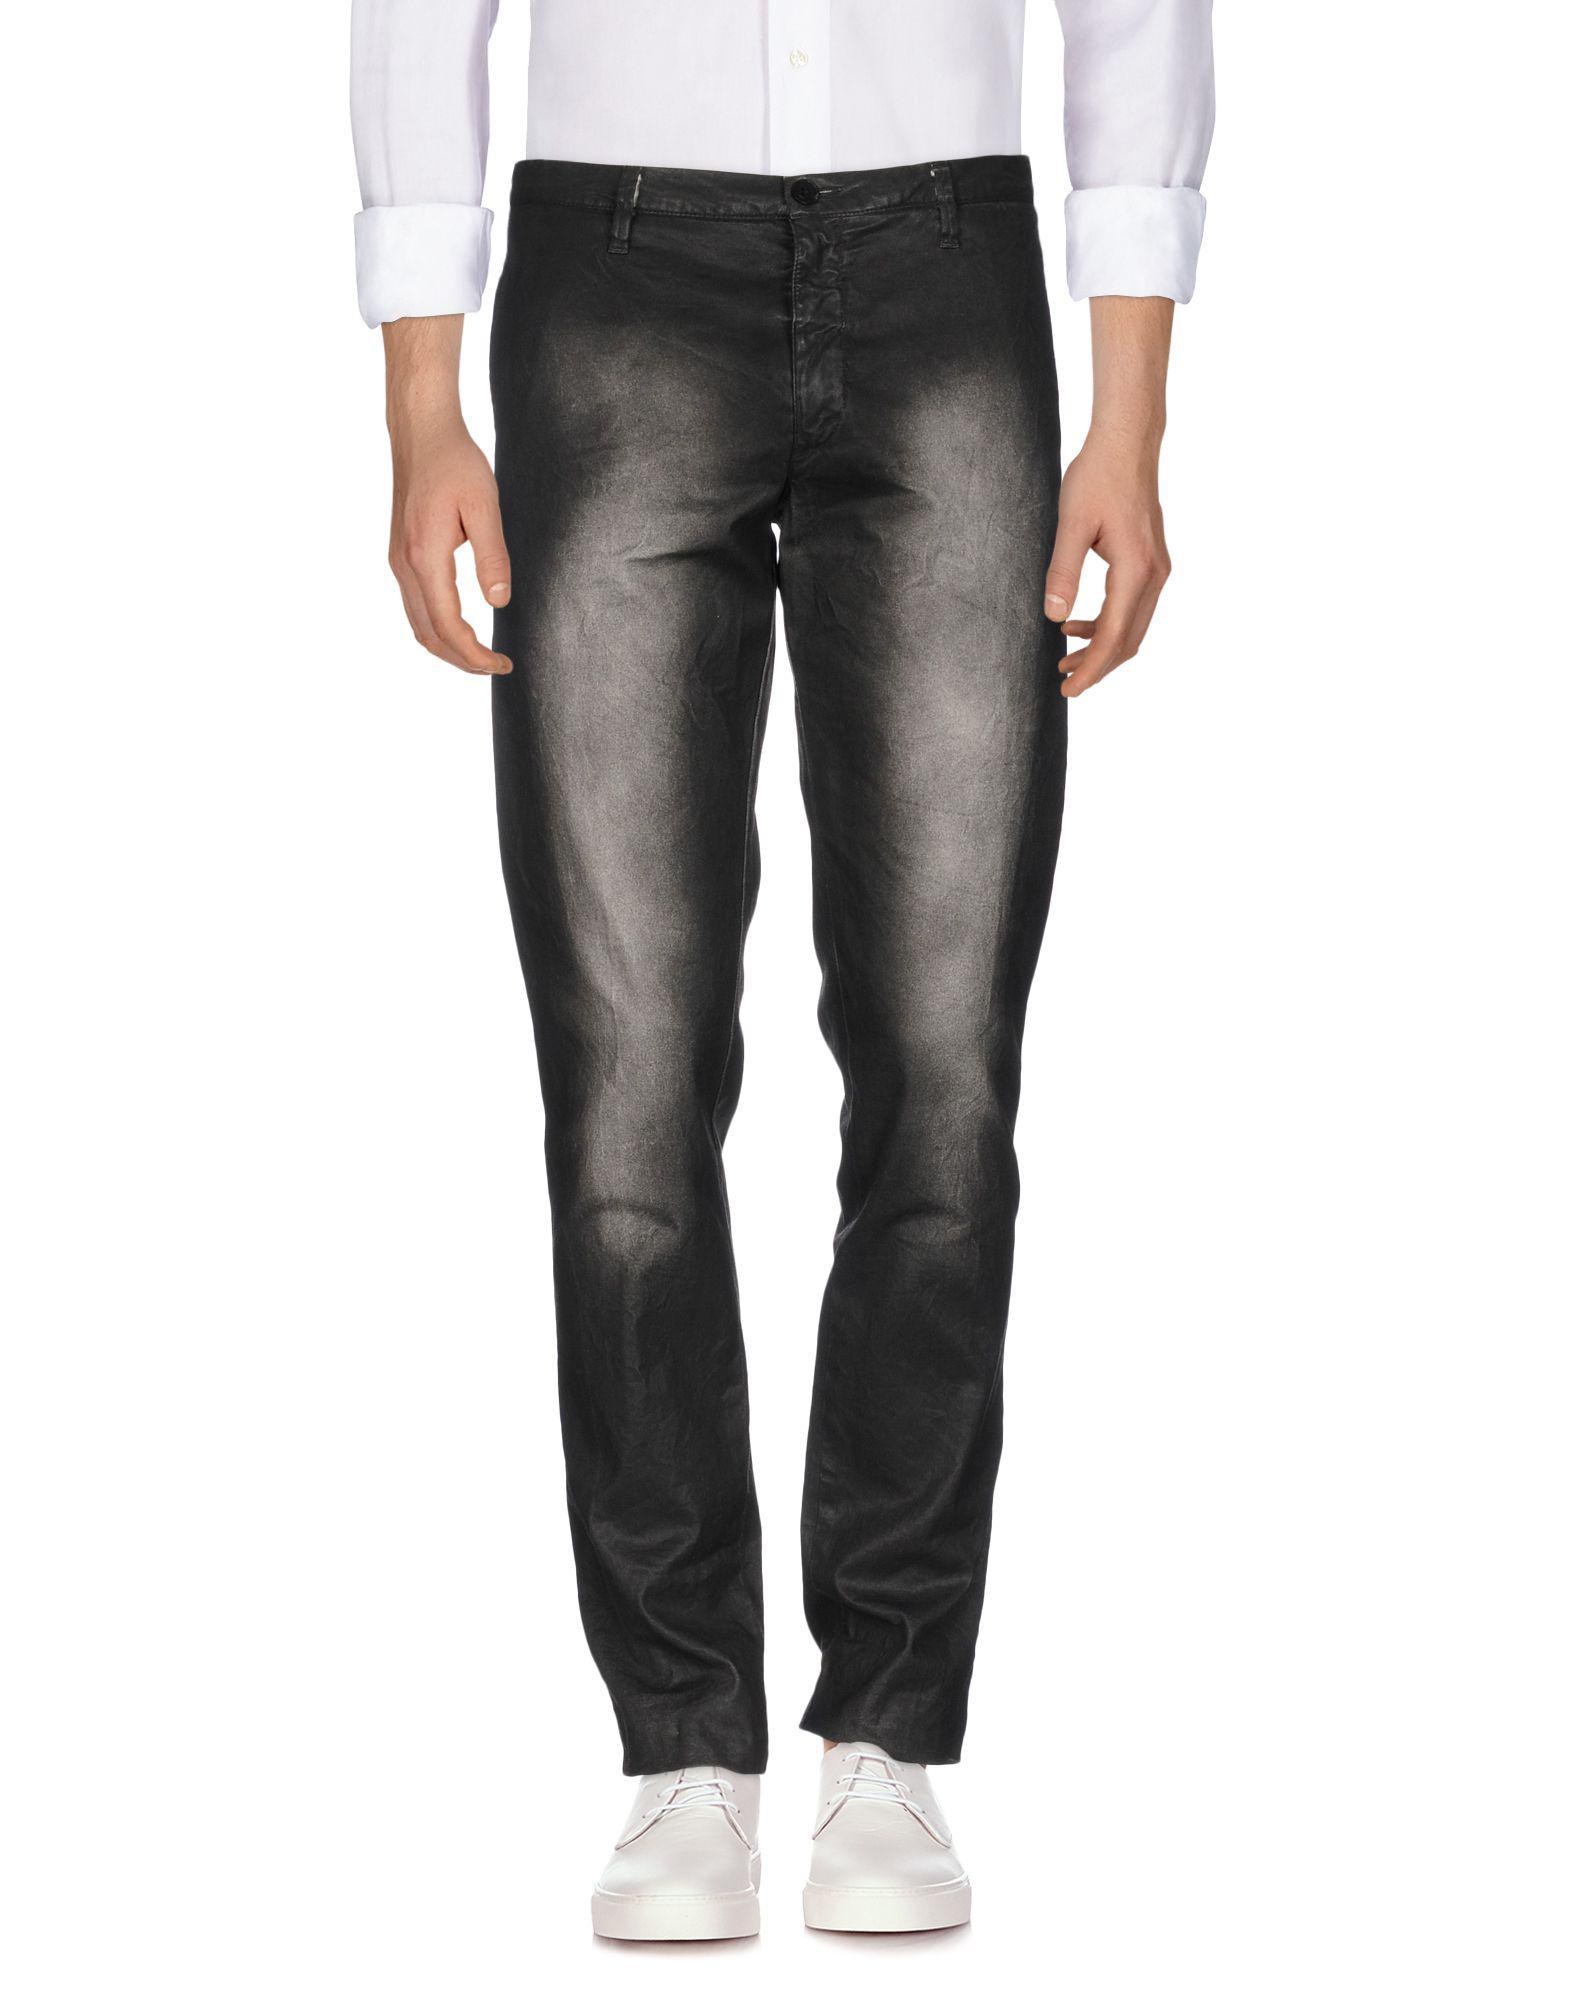 Sale Prices Outlet Deals DENIM - Denim trousers Cellar Door Sale Comfortable E4nSZS1O